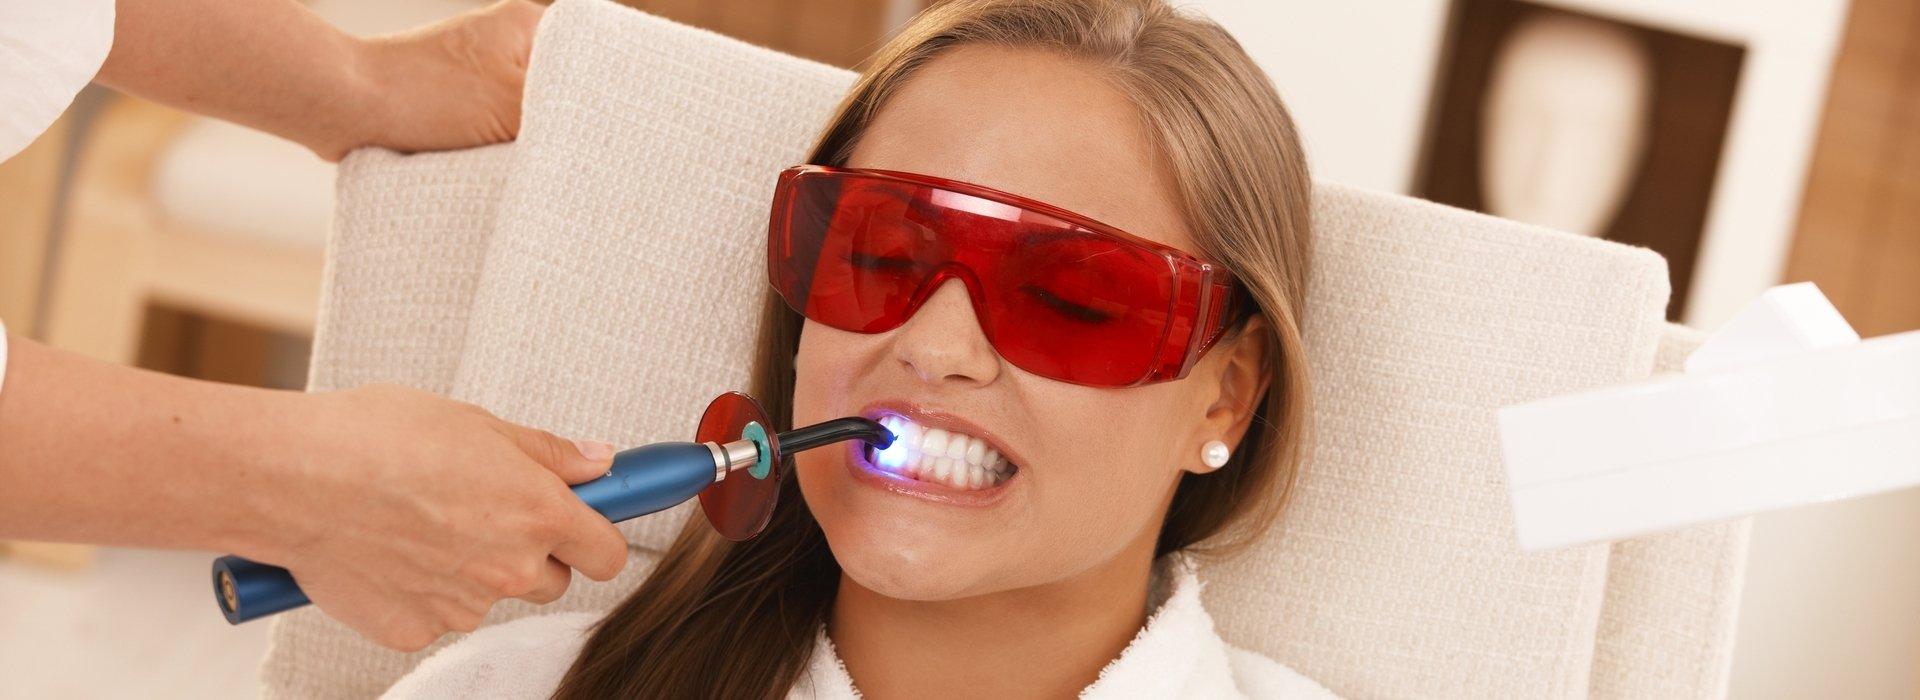 Tooth Polishing